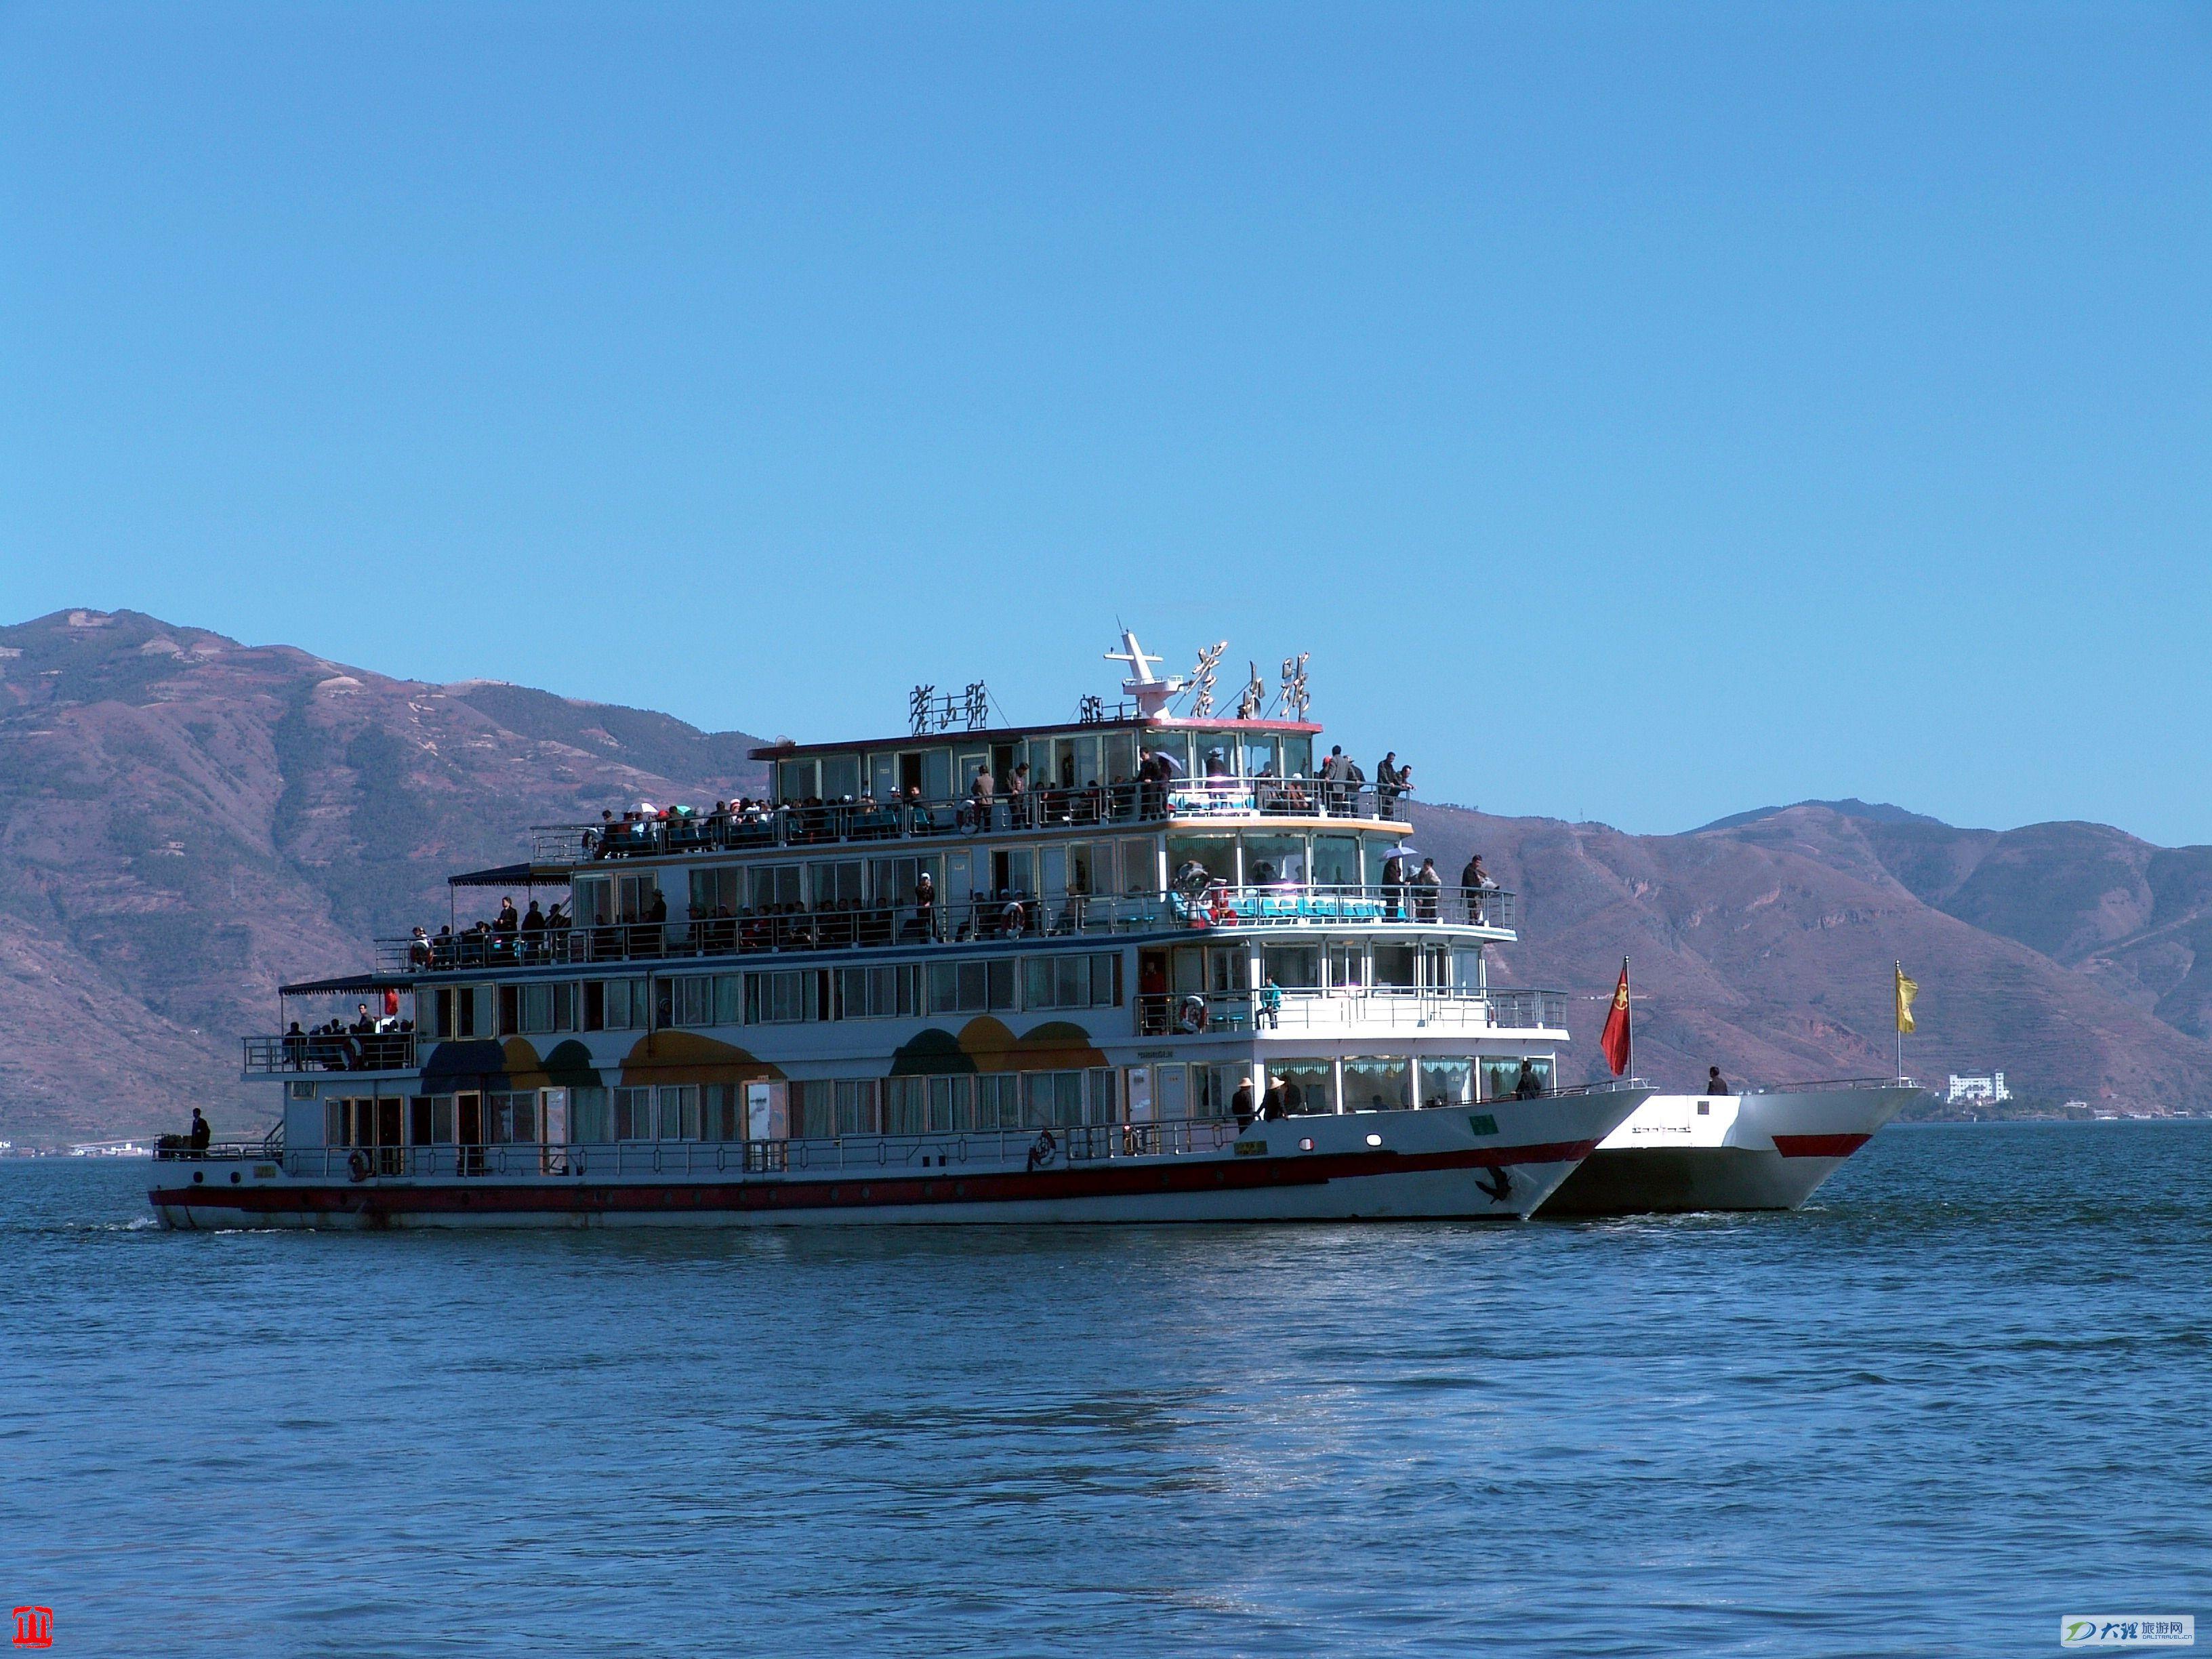 大理洱海游船